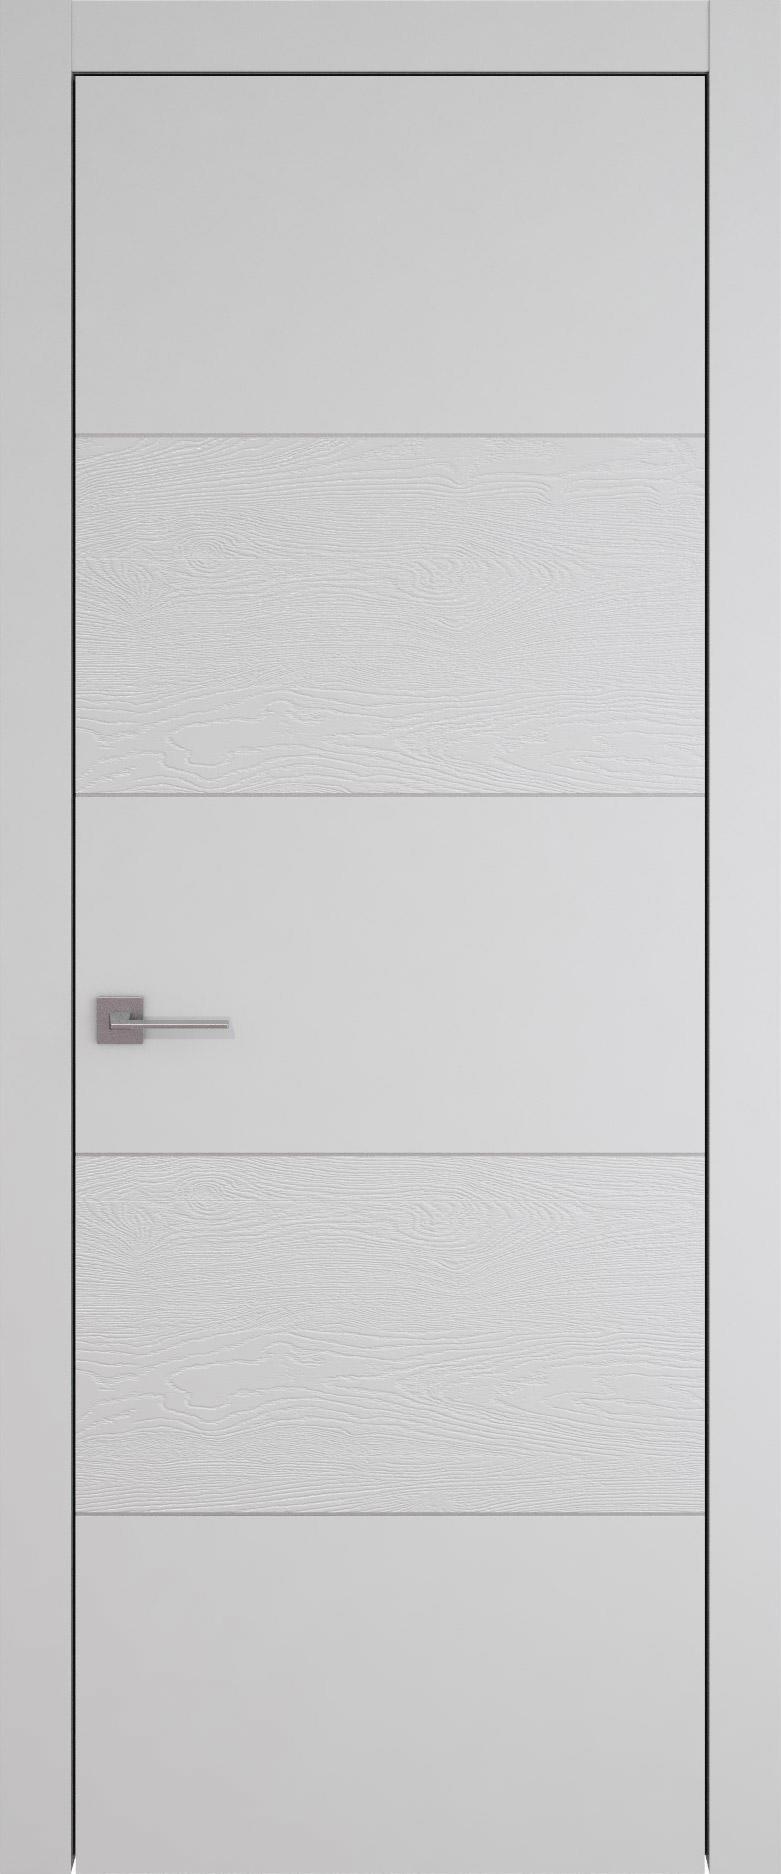 Tivoli Д-2 цвет - Серая эмаль-эмаль по шпону (RAL 7047) Без стекла (ДГ)